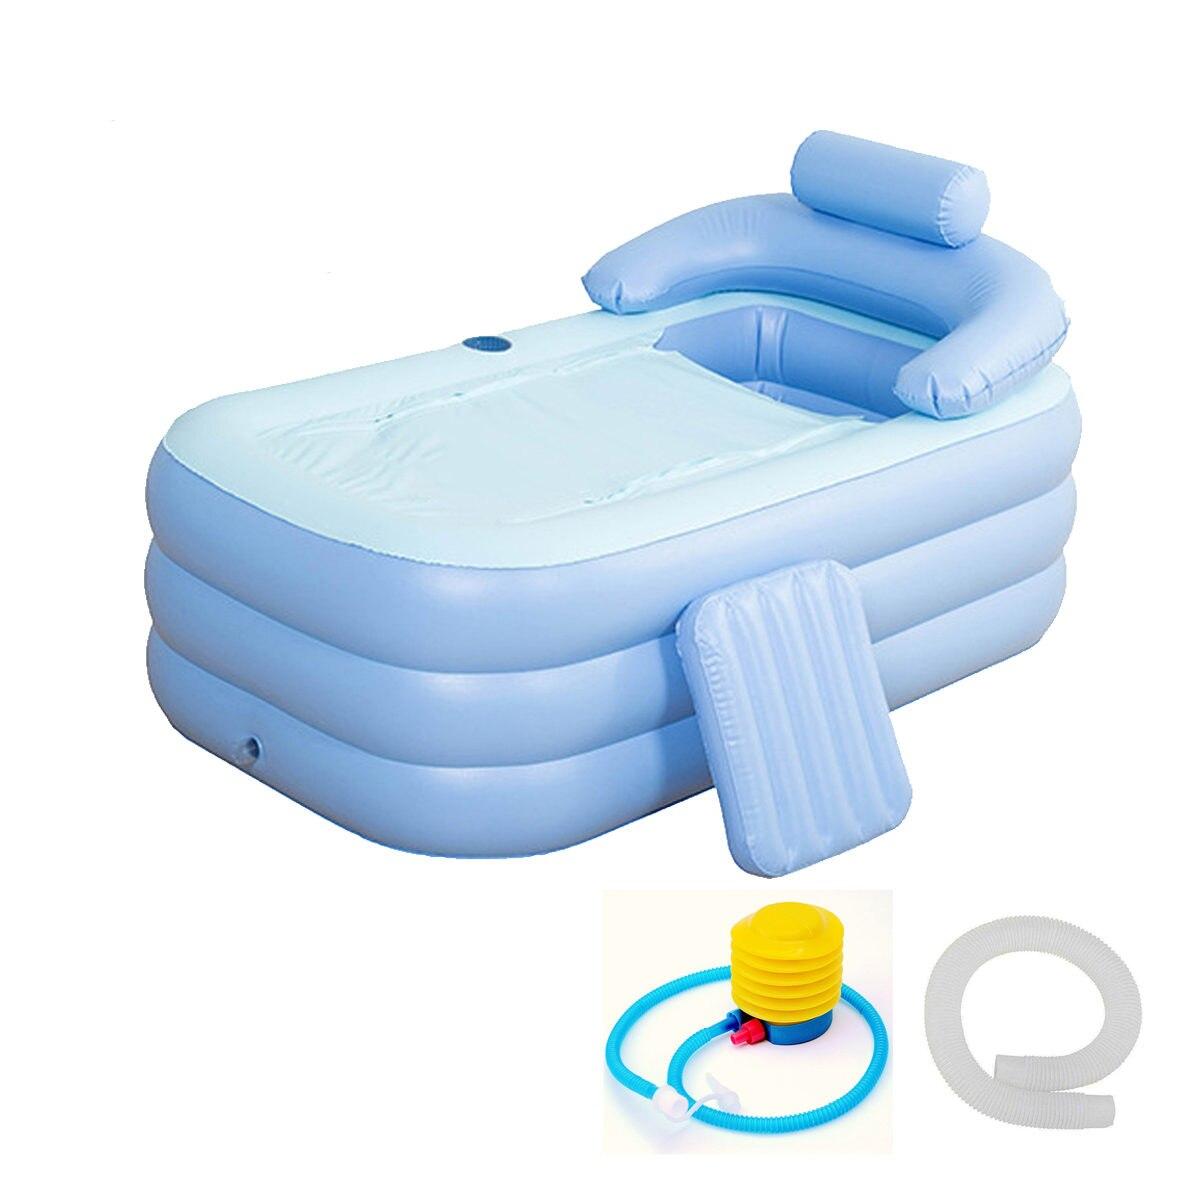 160*84*64 см синий большой размер ПВХ Складная портативная надувная ванна для взрослых с воздушным насосом спа Бытовая надувная Ванна